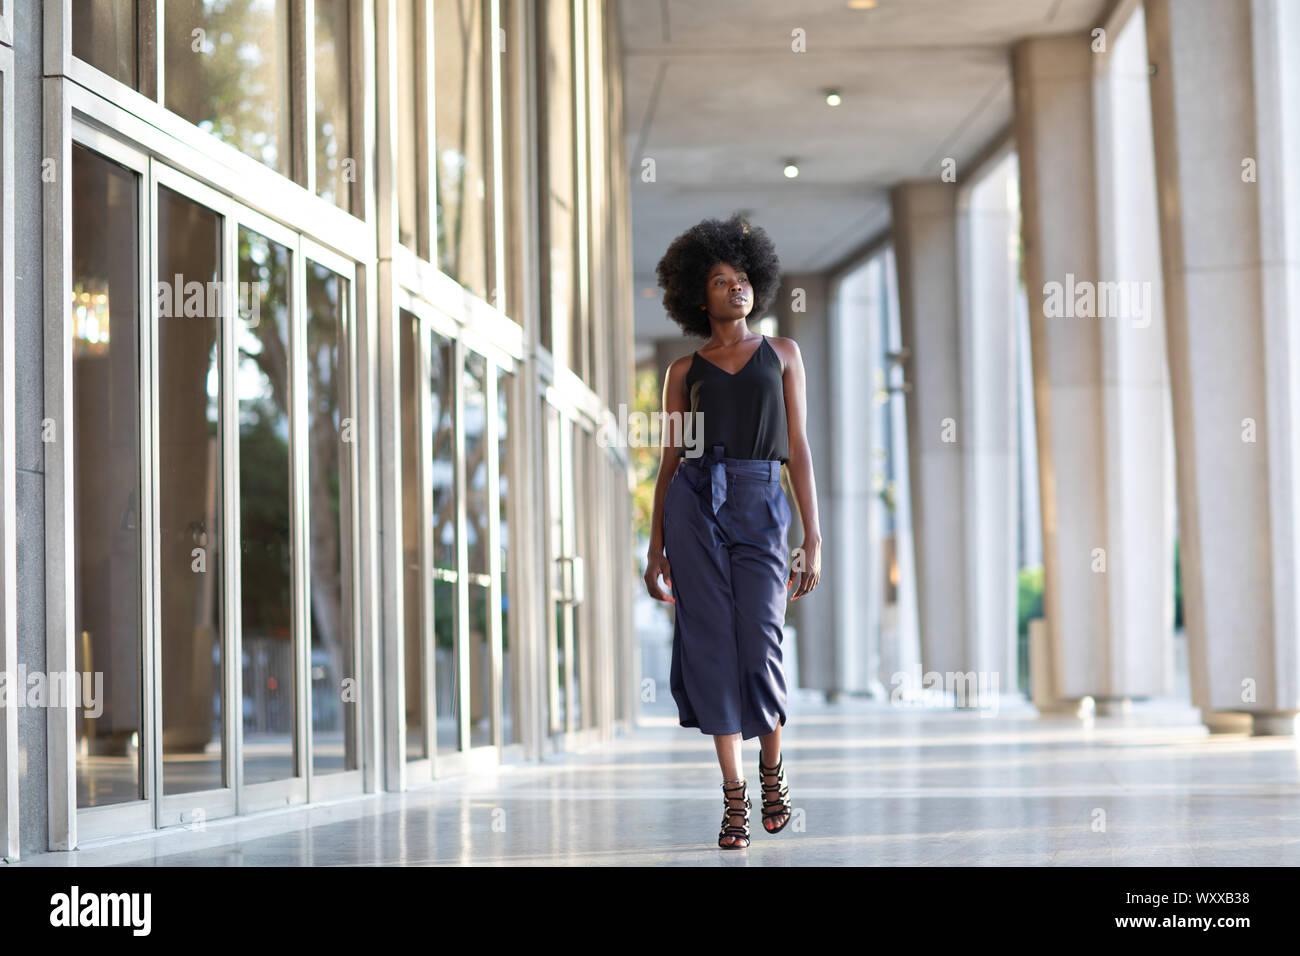 Une jeune femme à la mode de marche avec assurance dans le couloir à l'extérieur de l'édifice financier Banque D'Images